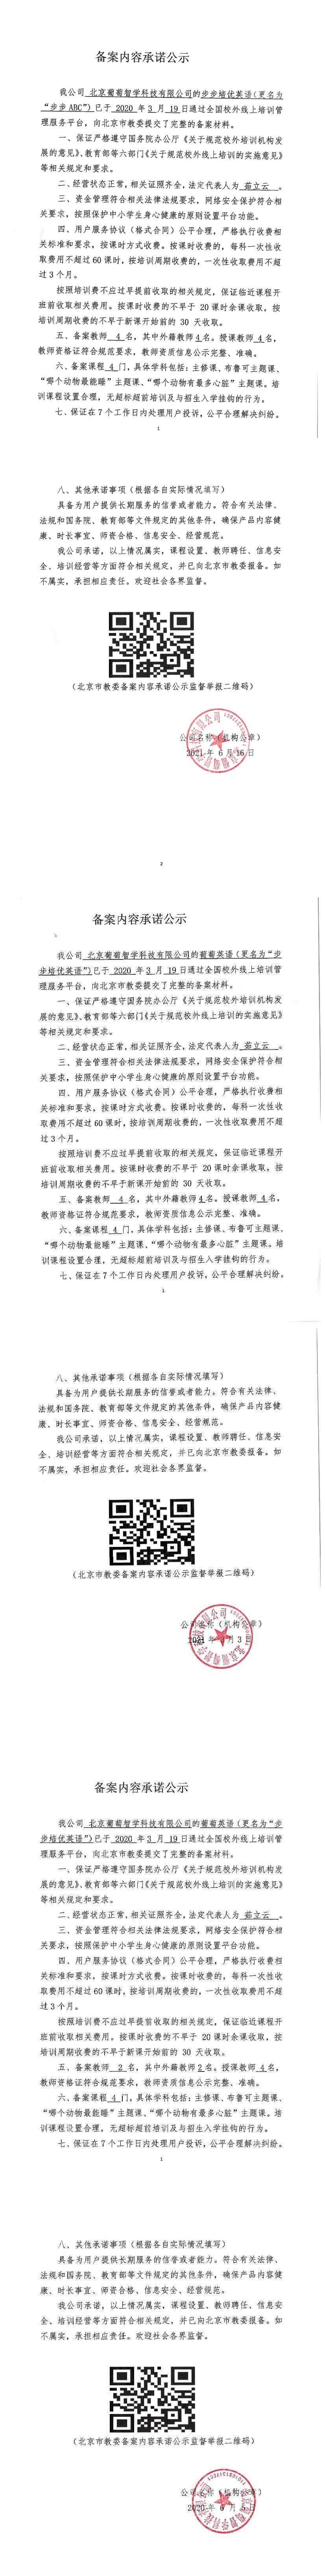 步步ABC 备案内容承诺公示